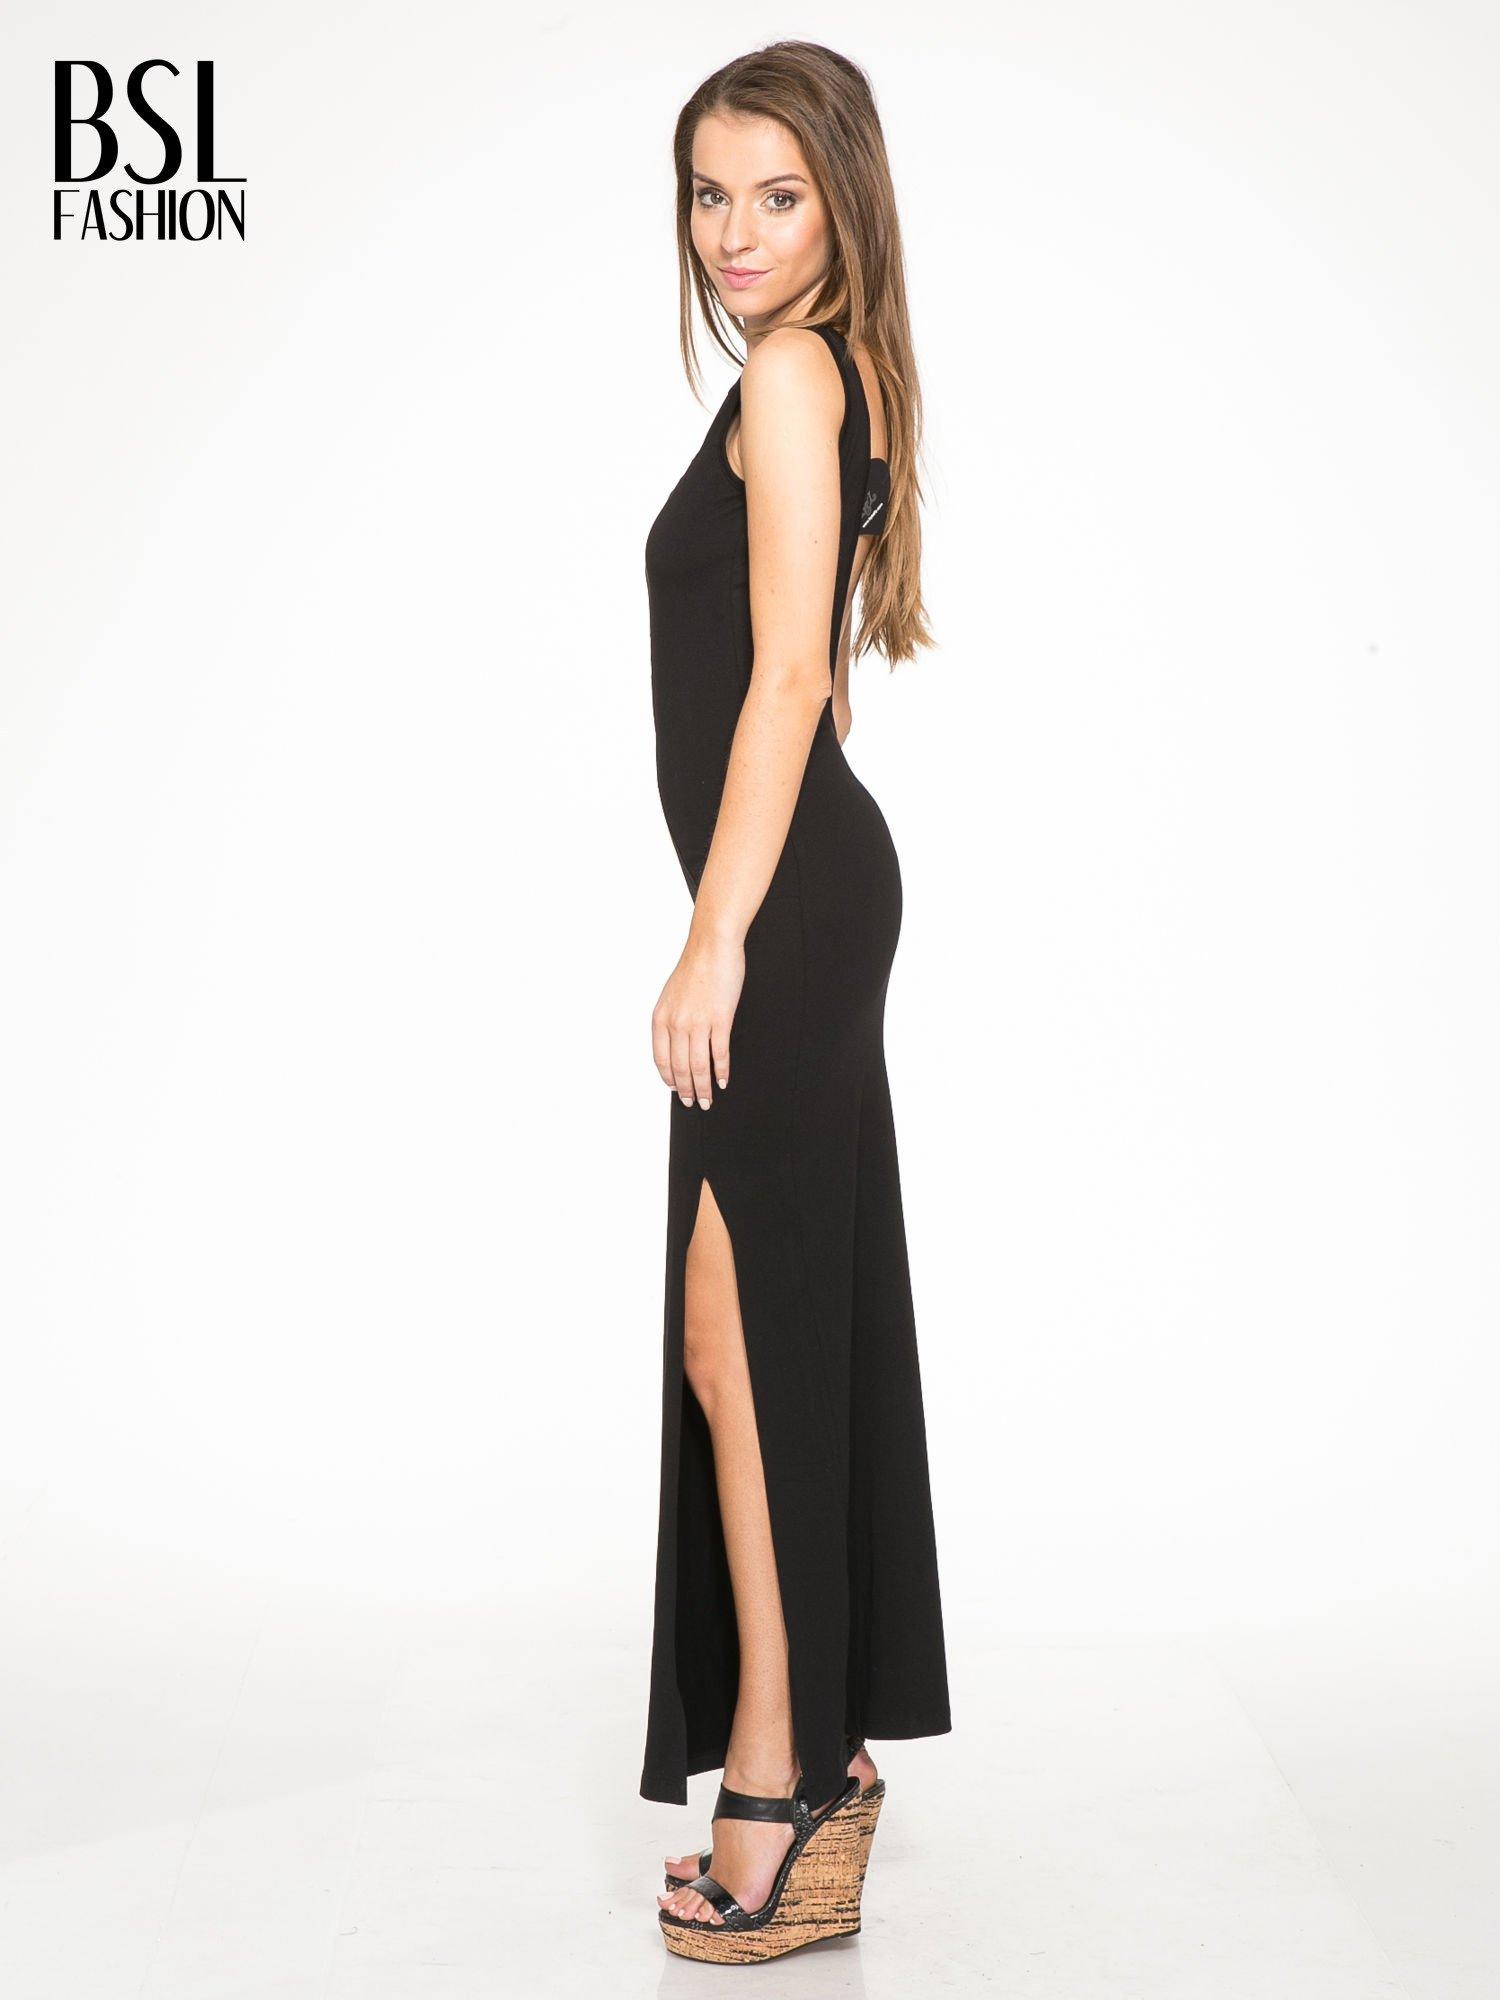 Czarna wieczorowa sukienka maxi z transparentną wstawką i dekoltem a plecach                                  zdj.                                  2